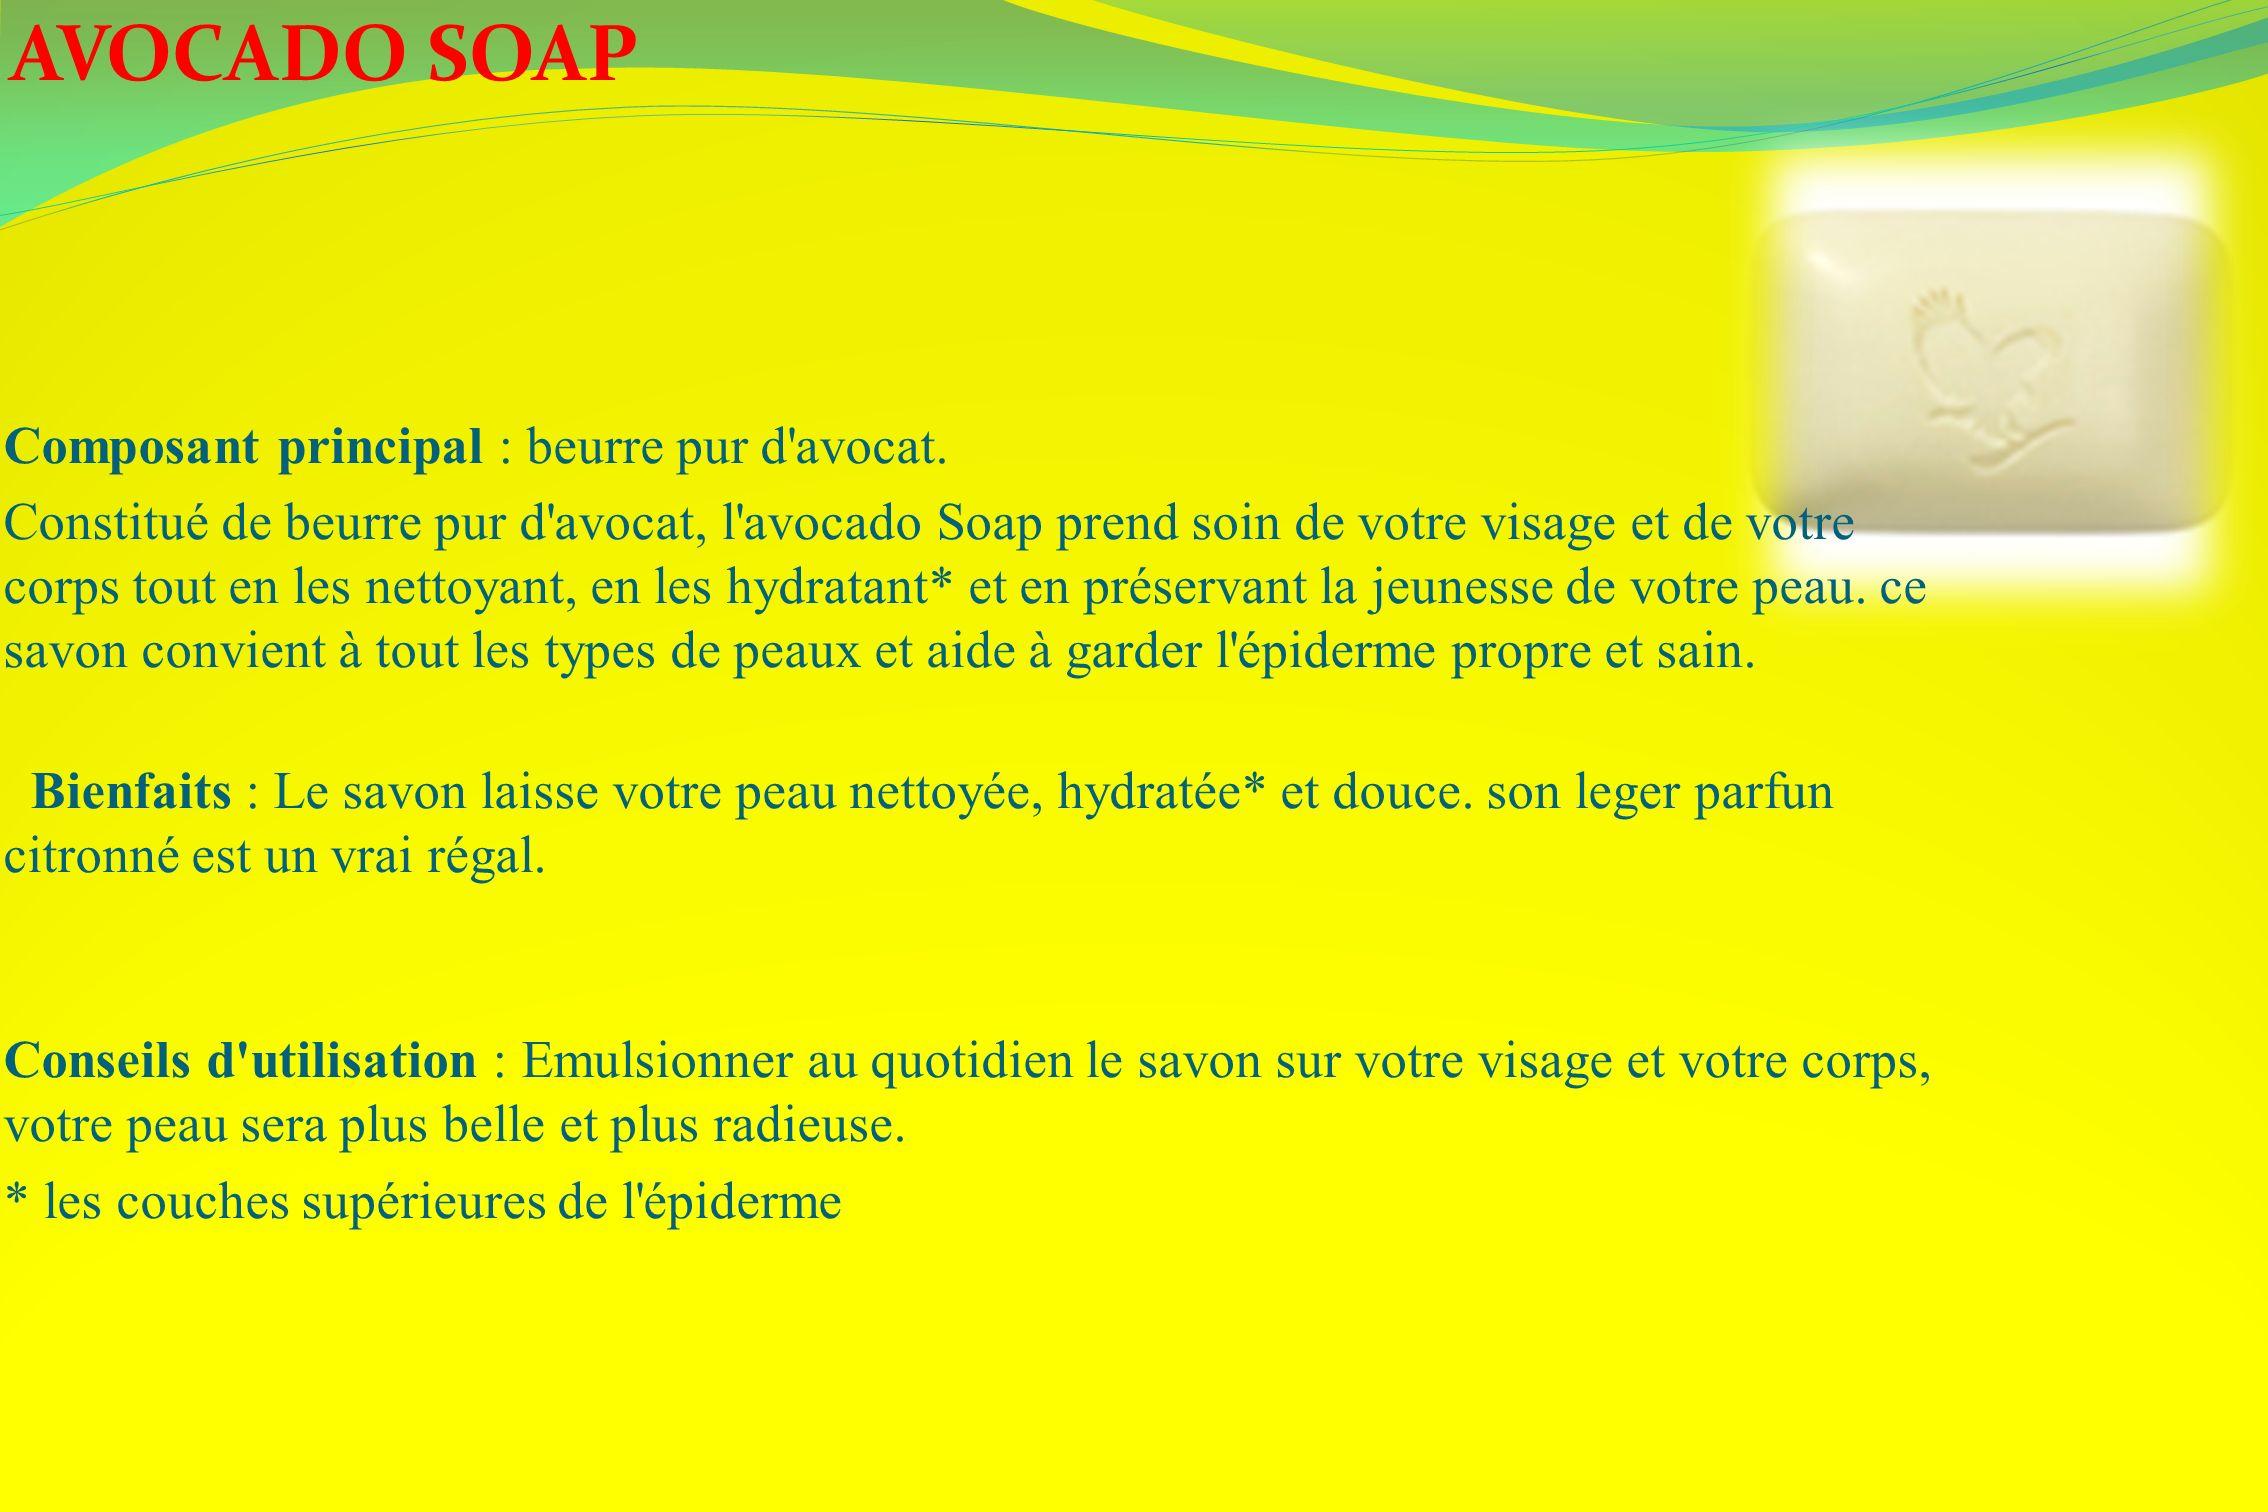 Composant principal : beurre pur d'avocat. Constitué de beurre pur d'avocat, l'avocado Soap prend soin de votre visage et de votre corps tout en les n